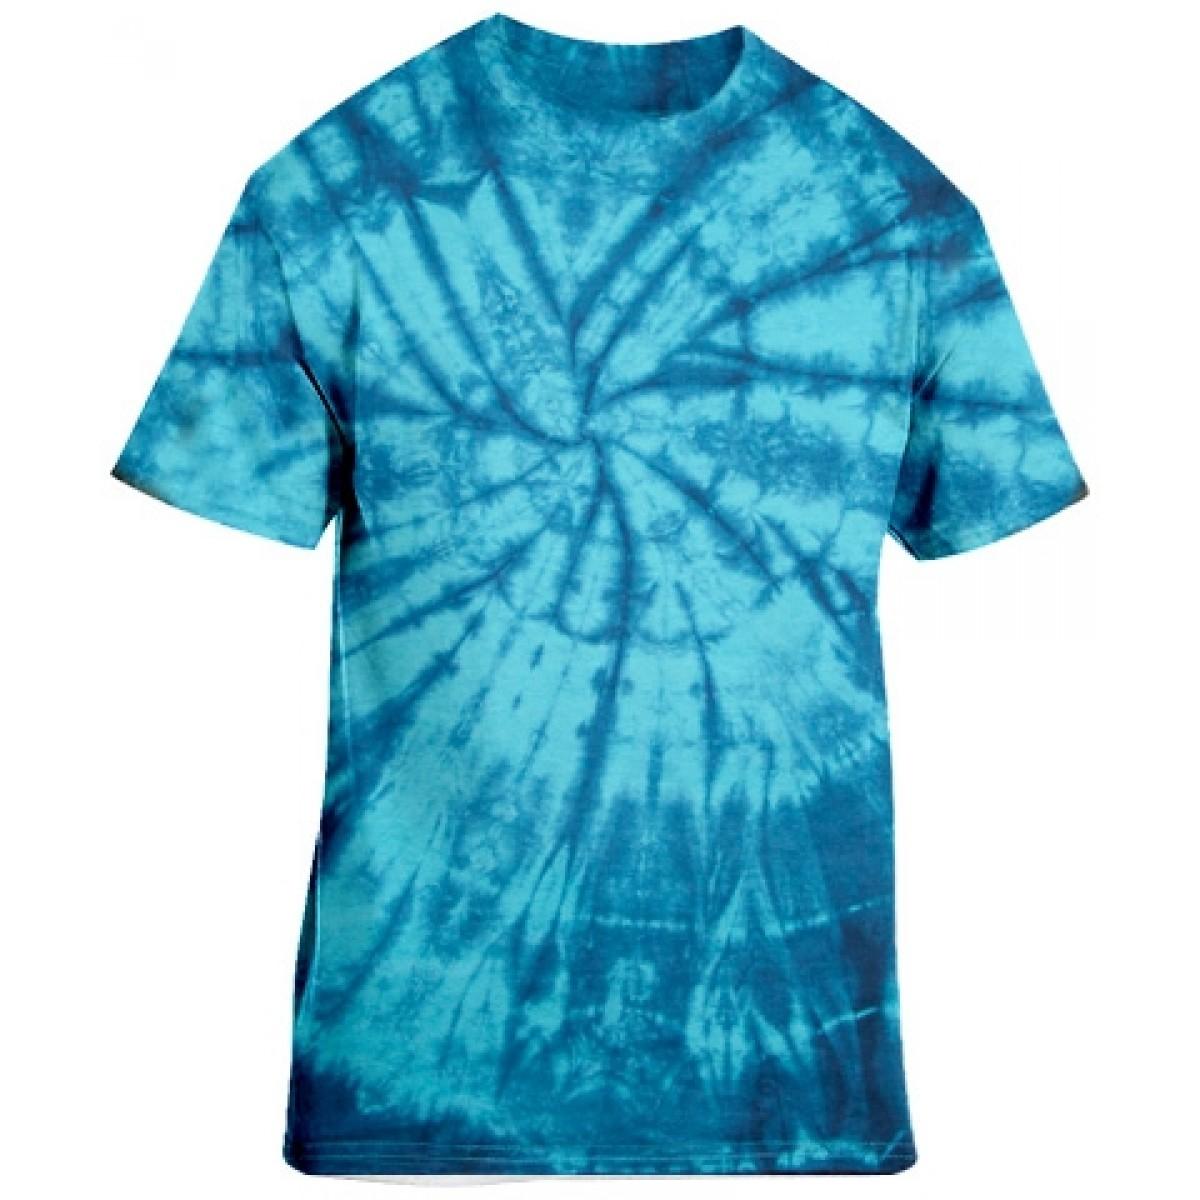 Tie-Dye Blue Short Sleeve-Blue-XL